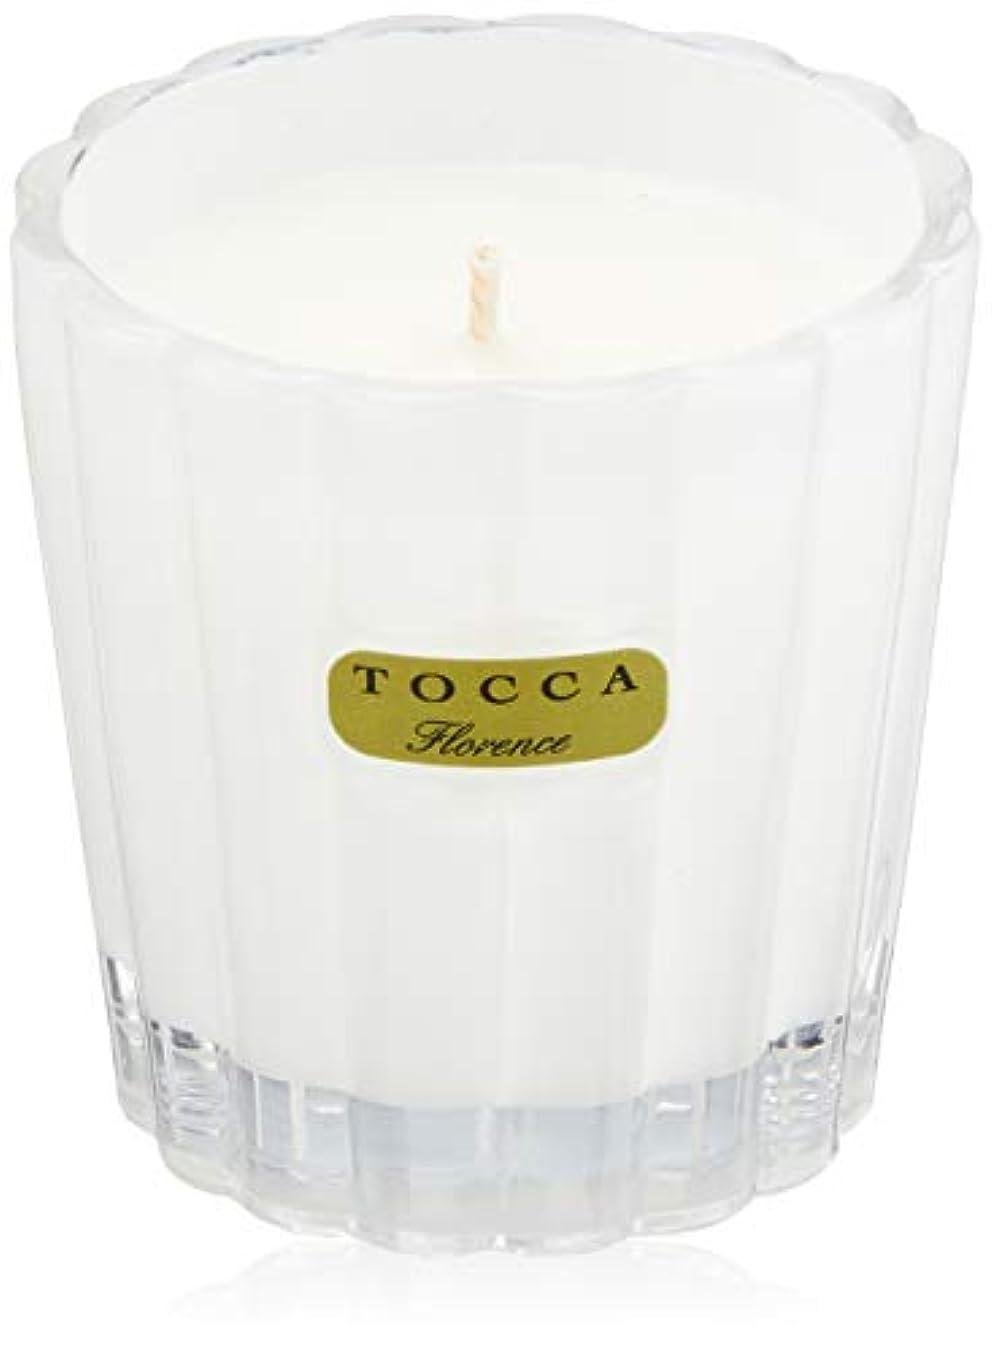 電話するインペリアルサスティーントッカ(TOCCA) キャンデリーナ フローレンスの香り 約85g (キャンドル ろうそく 上品なフローラルの香り)